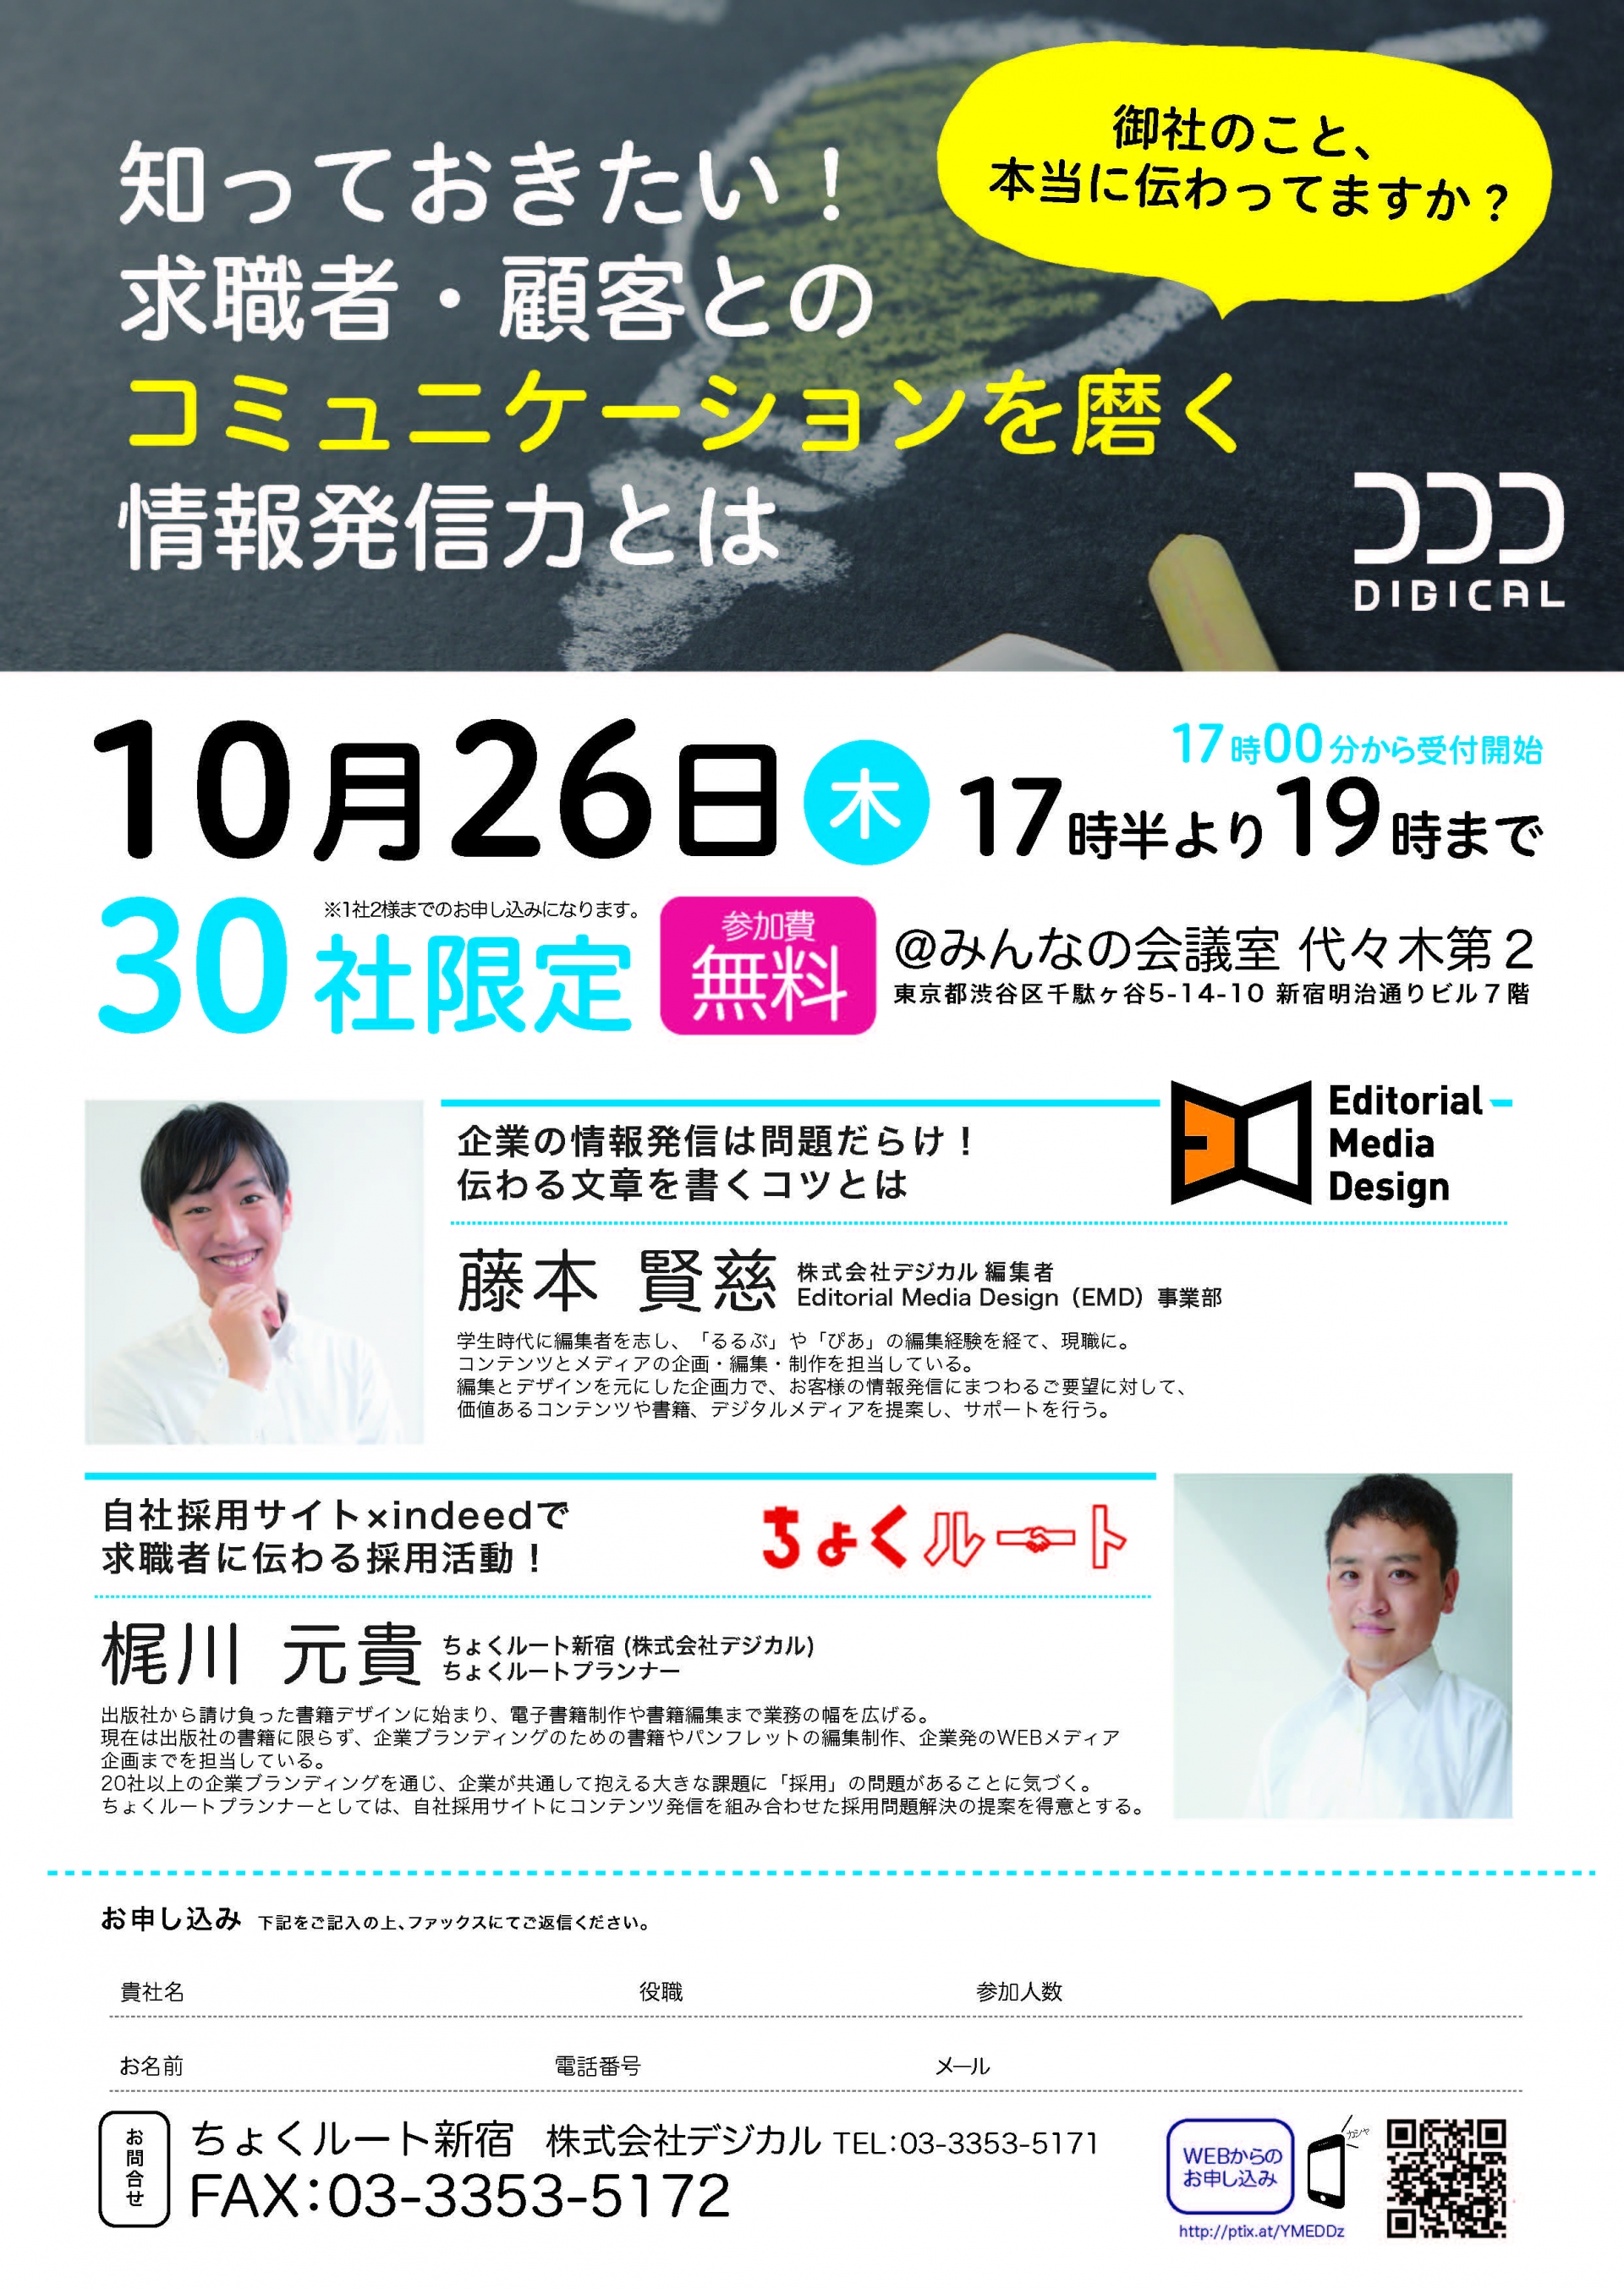 【東京10/26~@新宿・代々木】その情報発信で御社のこと、本当に伝わってますか? ~求職者・顧客との最適なコミュニケーションツールとは~